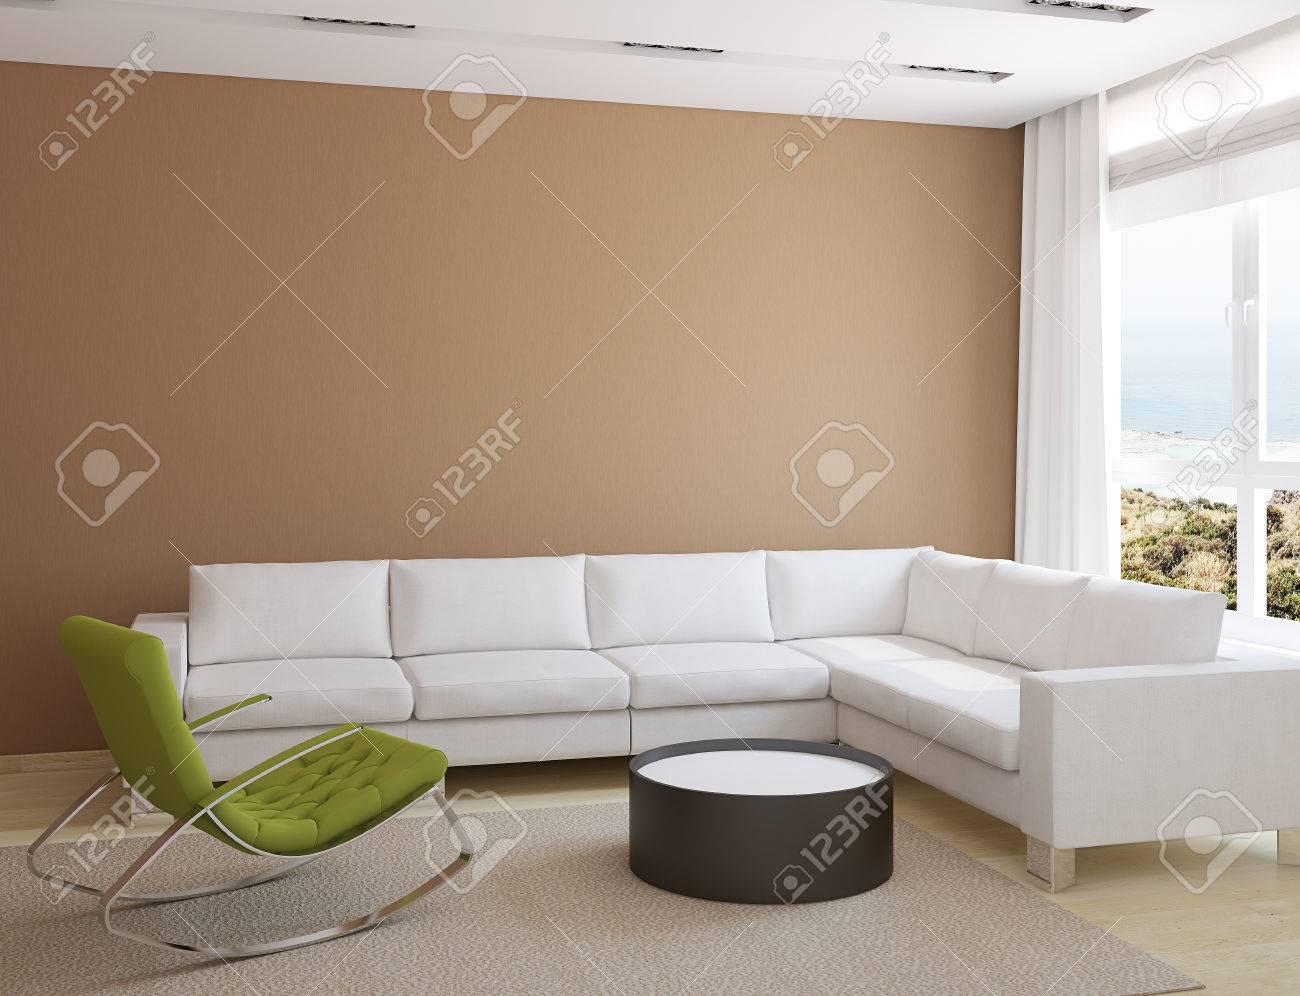 Moderne Wohnzimmer Inter Mit Weißen Couch Und Grünen Sessel In Der Nähe Von  Braunen Wand.